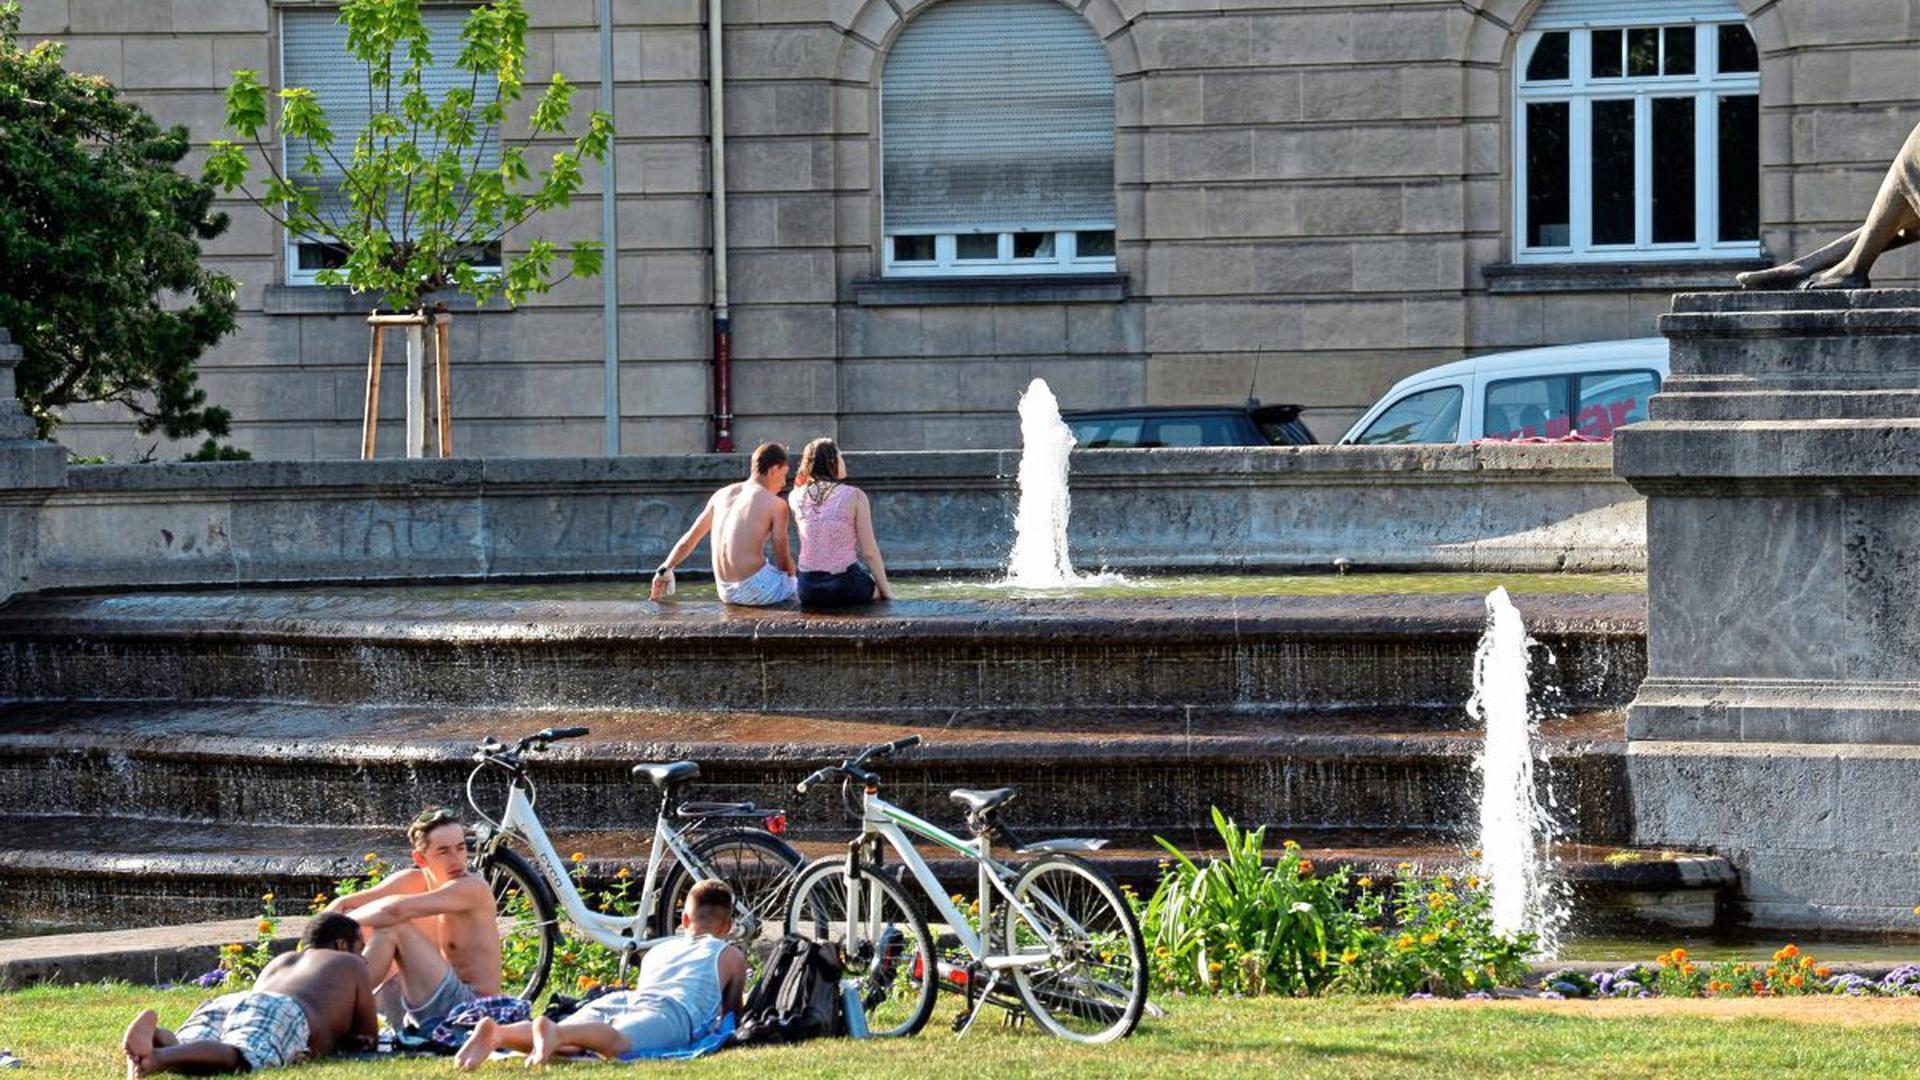 Wunderbare Fotos entstehen in der Weststadt auf dem Haydnplatz, der sich im Herzen des Musikerviertels befindet.